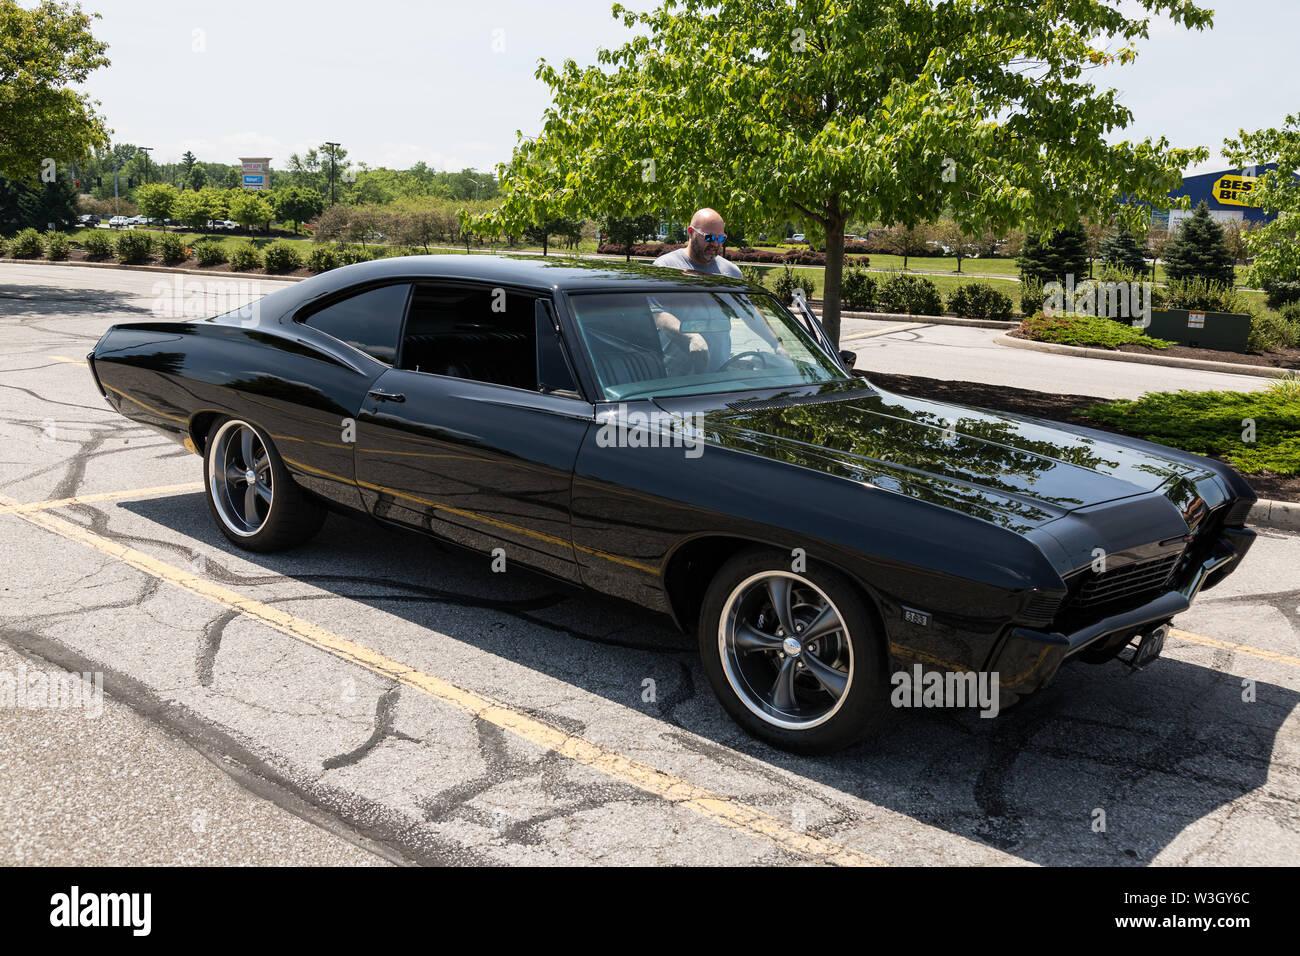 Kelebihan Impala 68 Murah Berkualitas